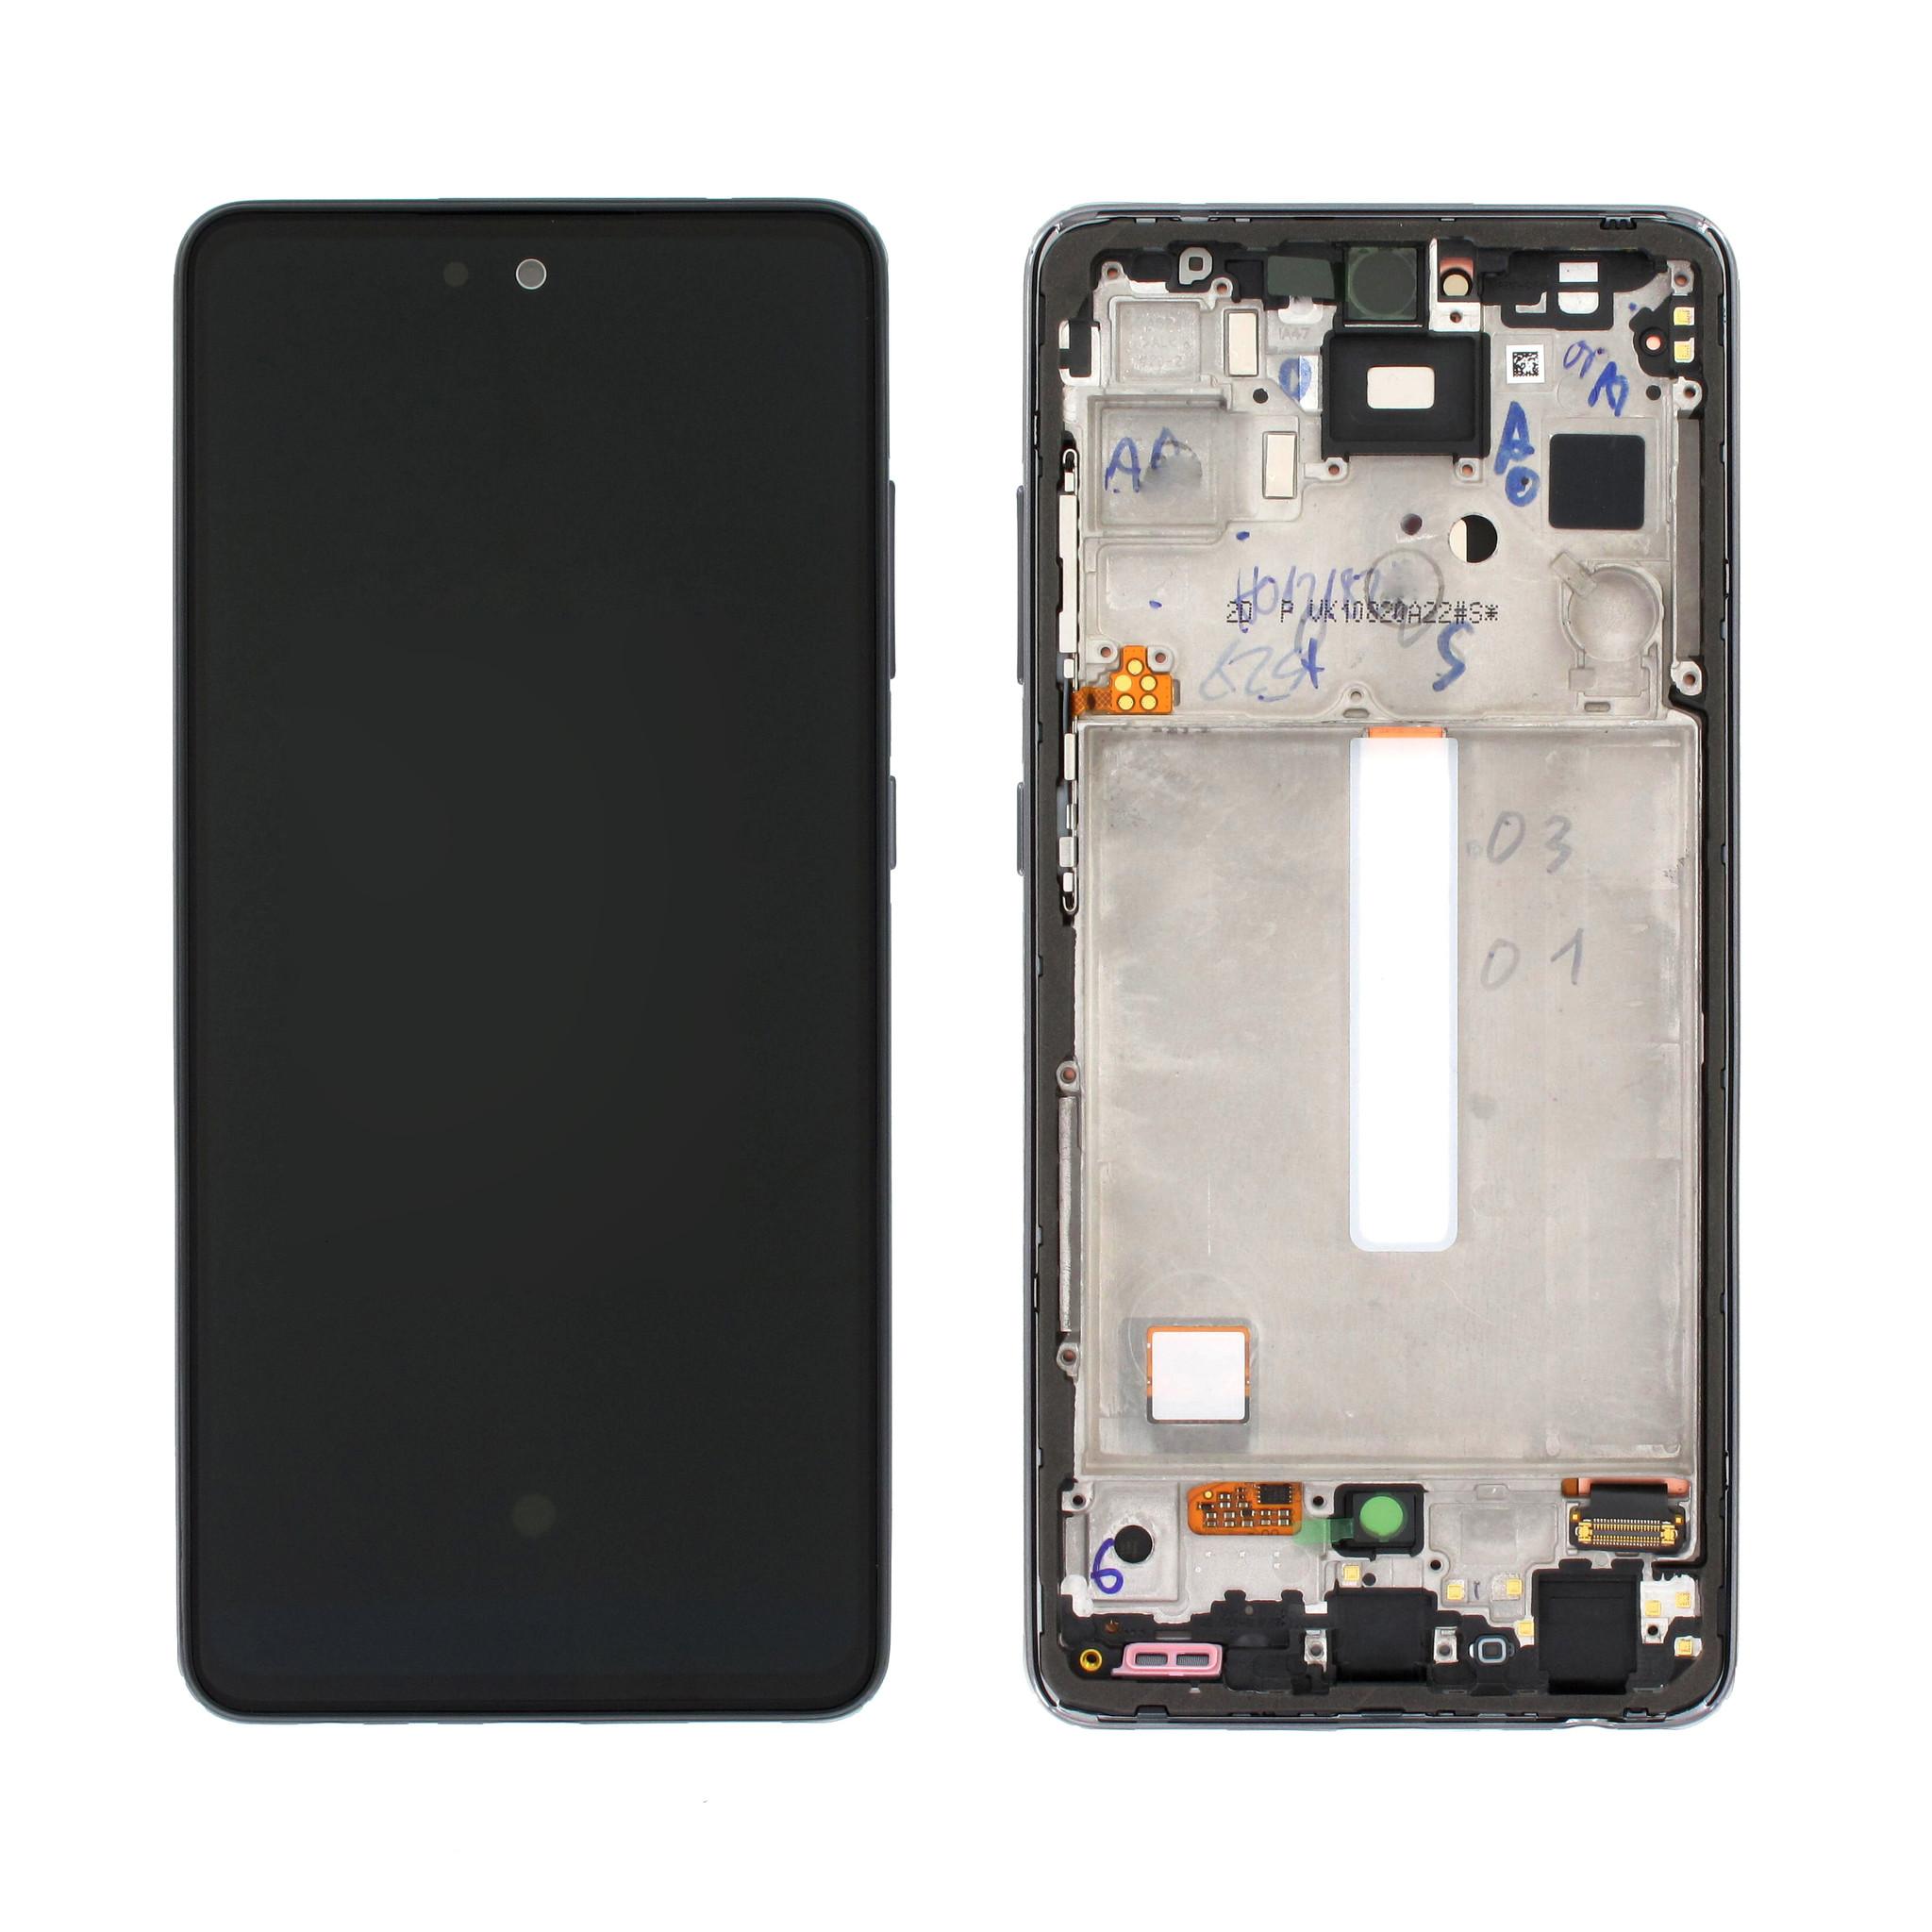 Samsung Galaxy A52s 5G Display, Awesome Black/Schwarz, GH82-26861A